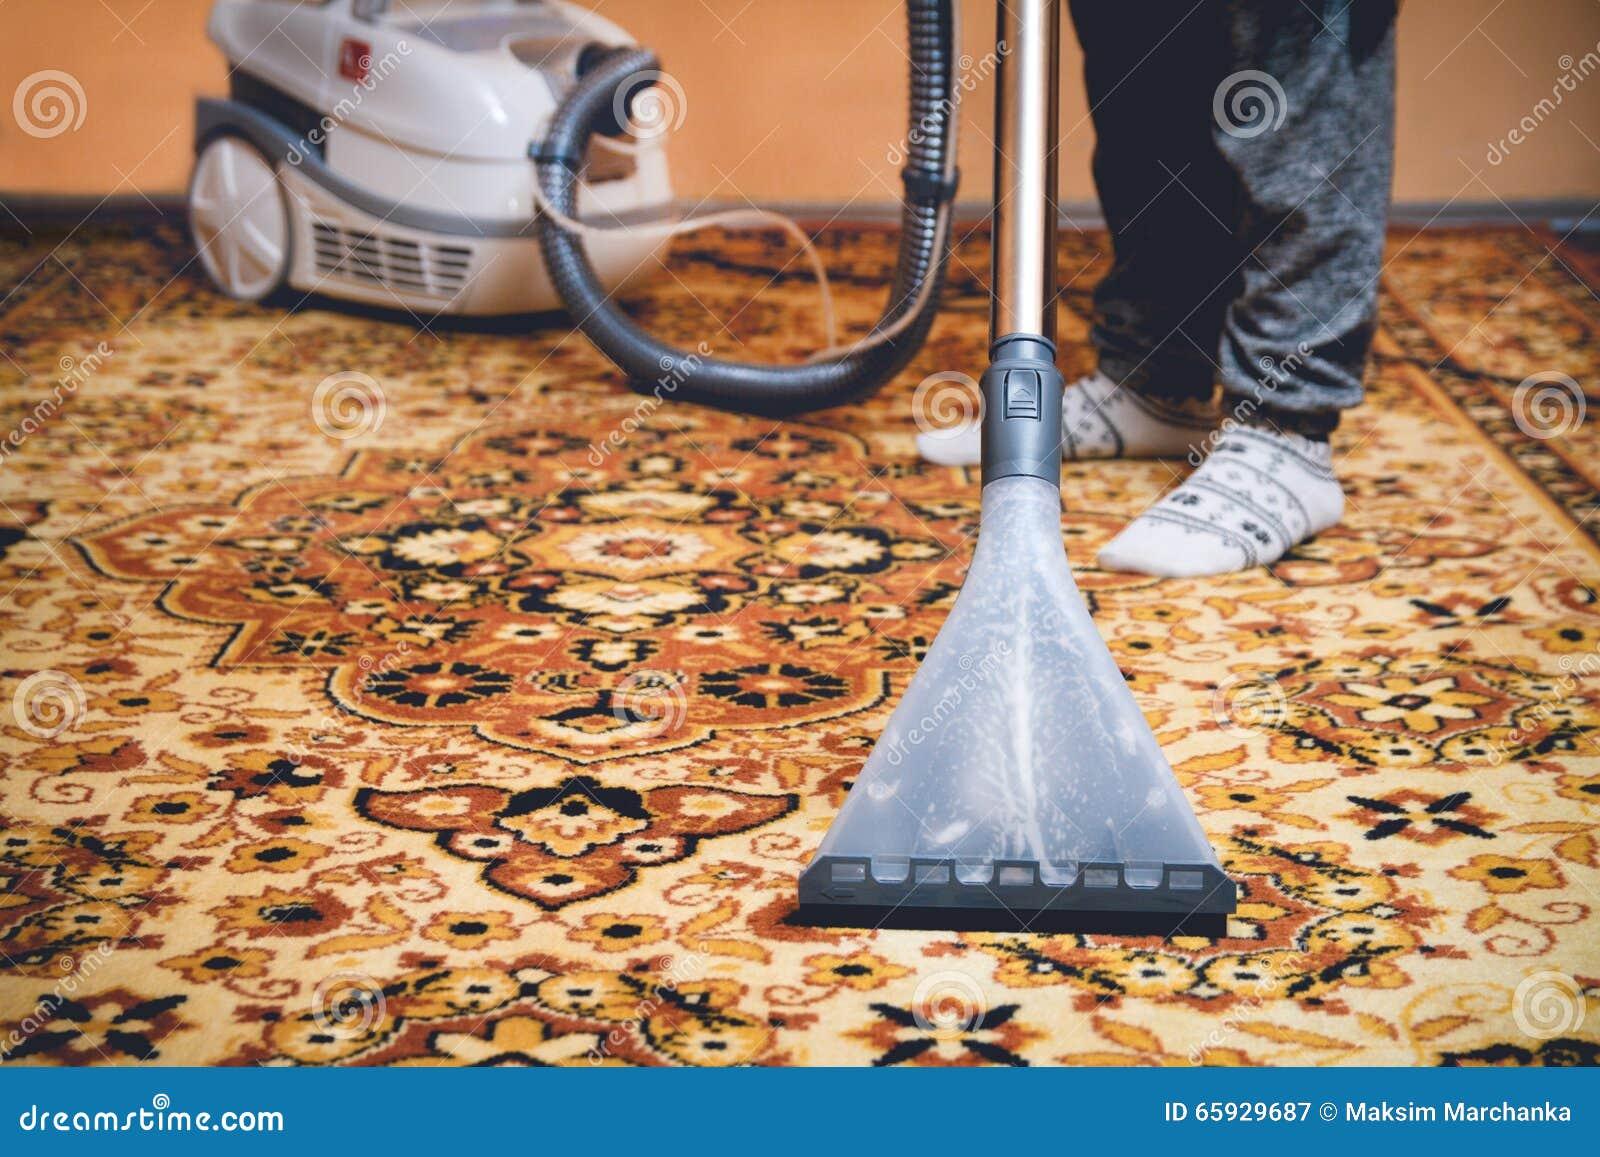 Tappeto persiano di pulizia stock images download 5 photos - Pulizia tappeto persiano ...